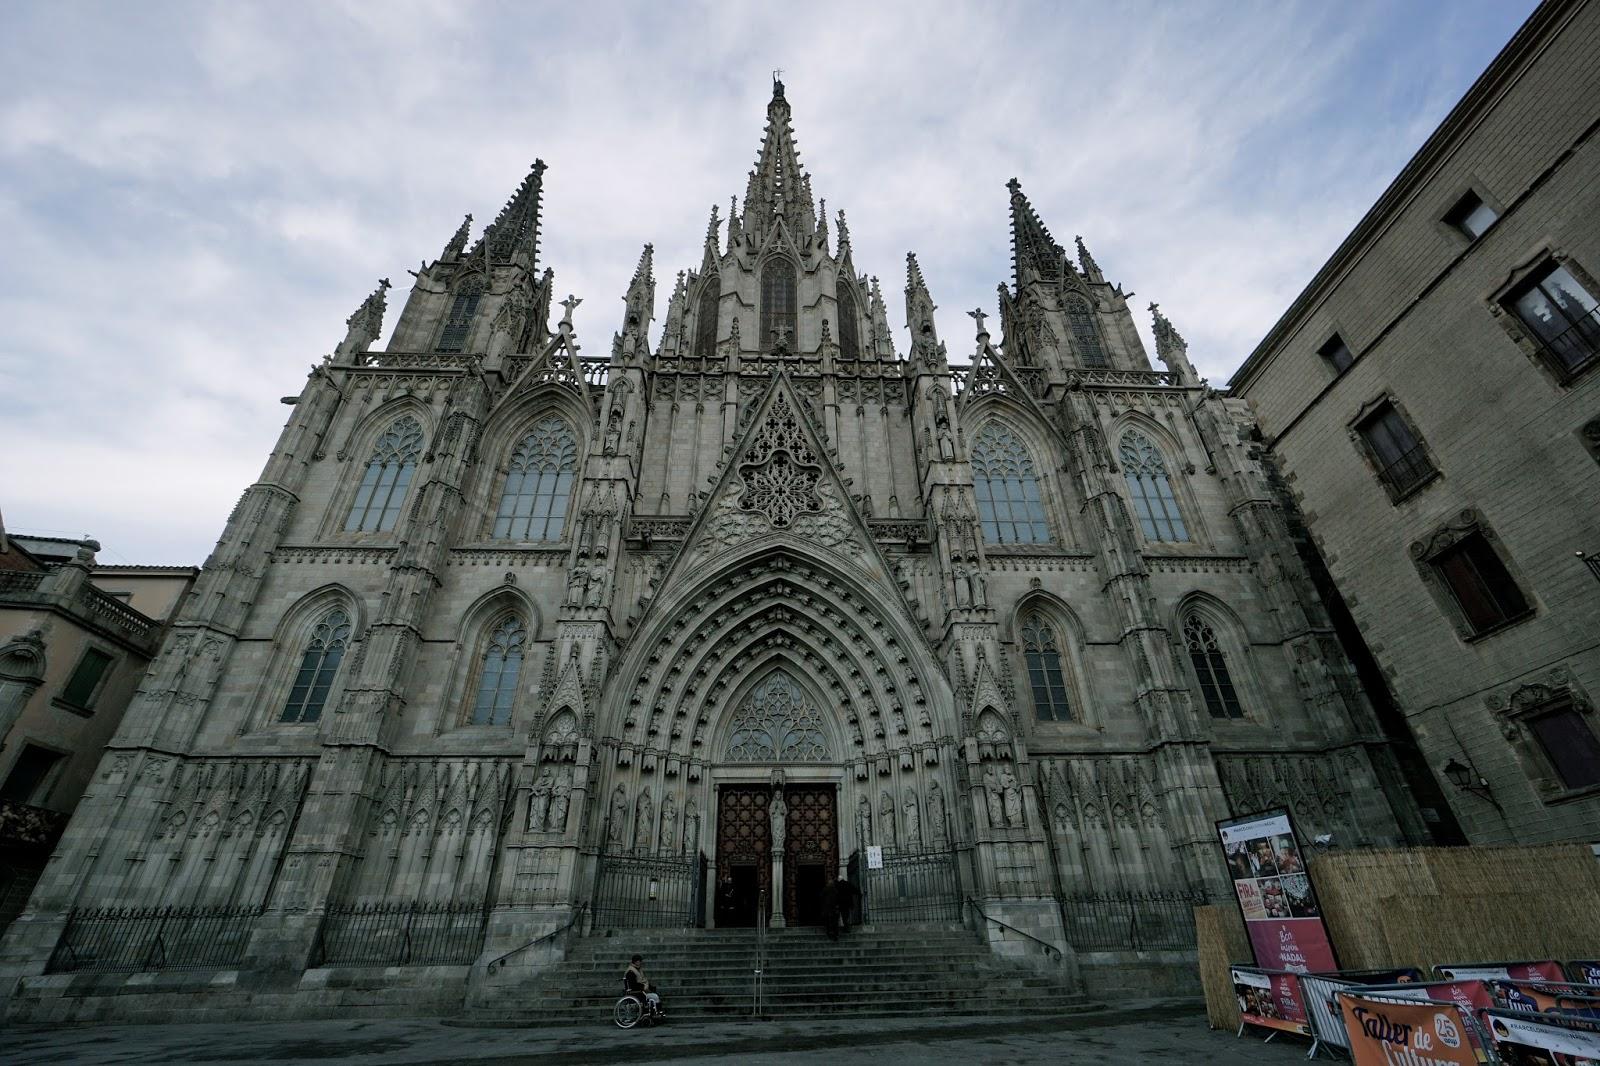 サンタ・クレウ・イ・サンタ・エウラリア大聖堂(バルセロナ大聖堂)